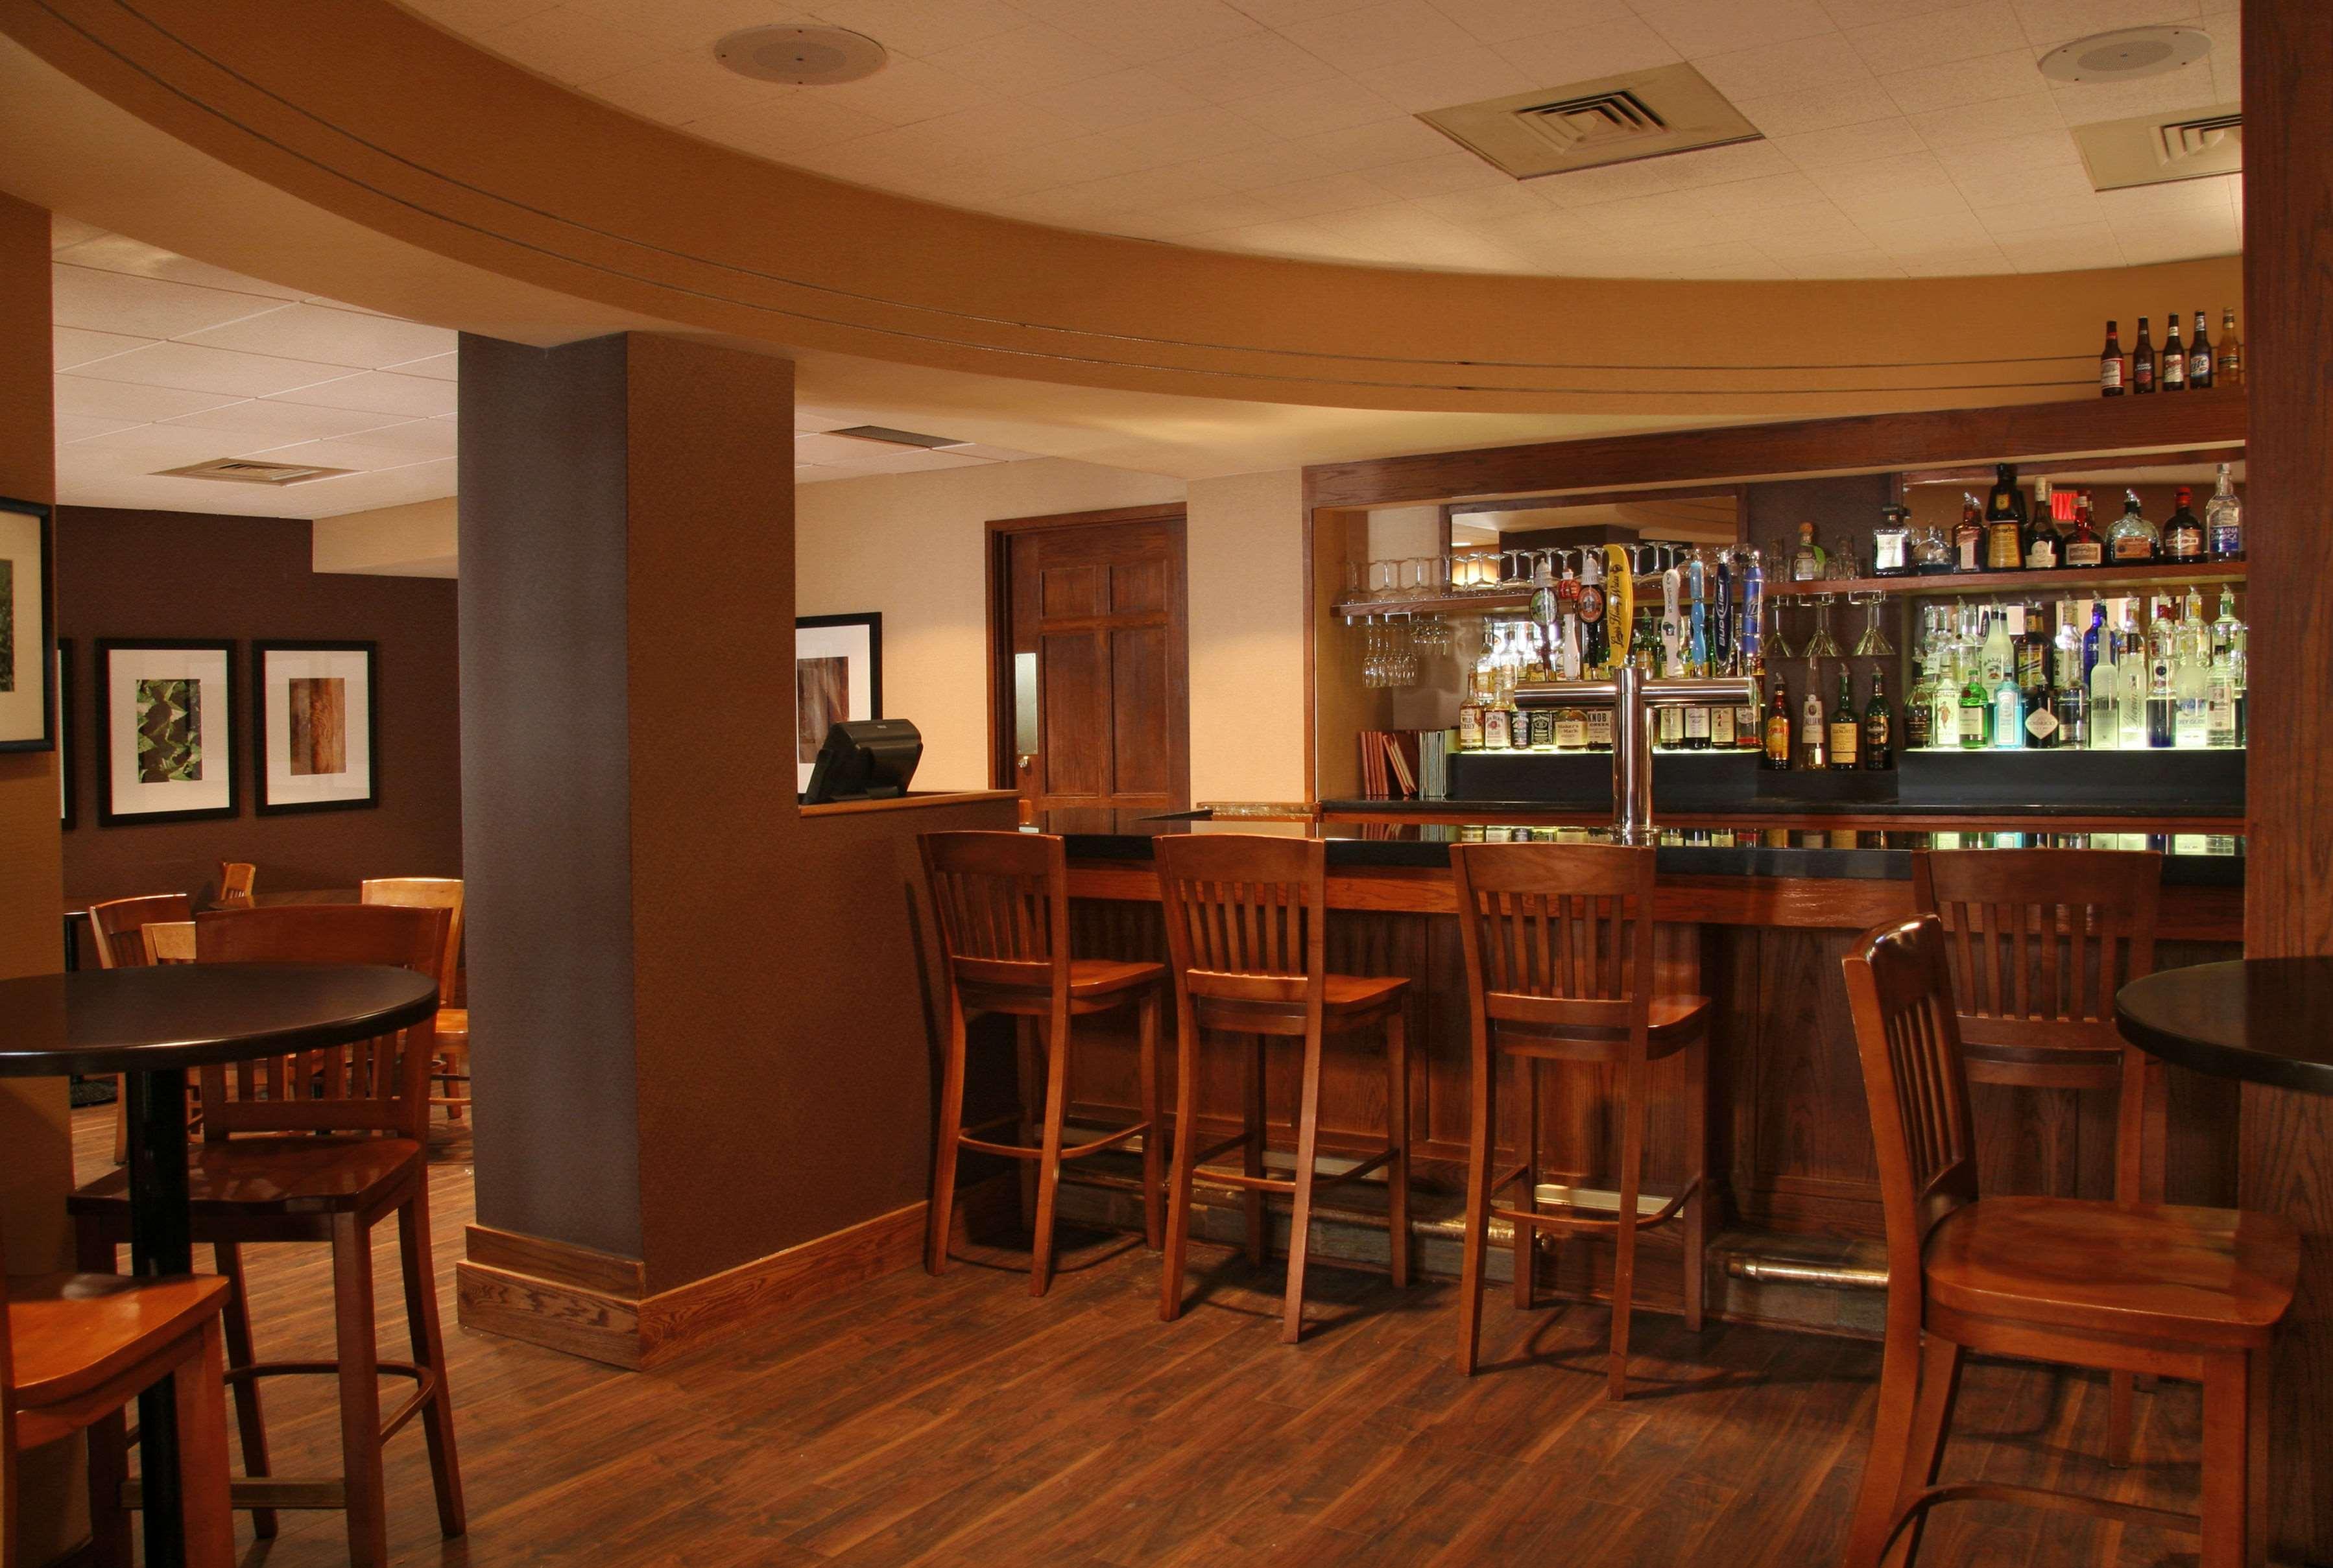 Sheraton Madison Hotel image 6